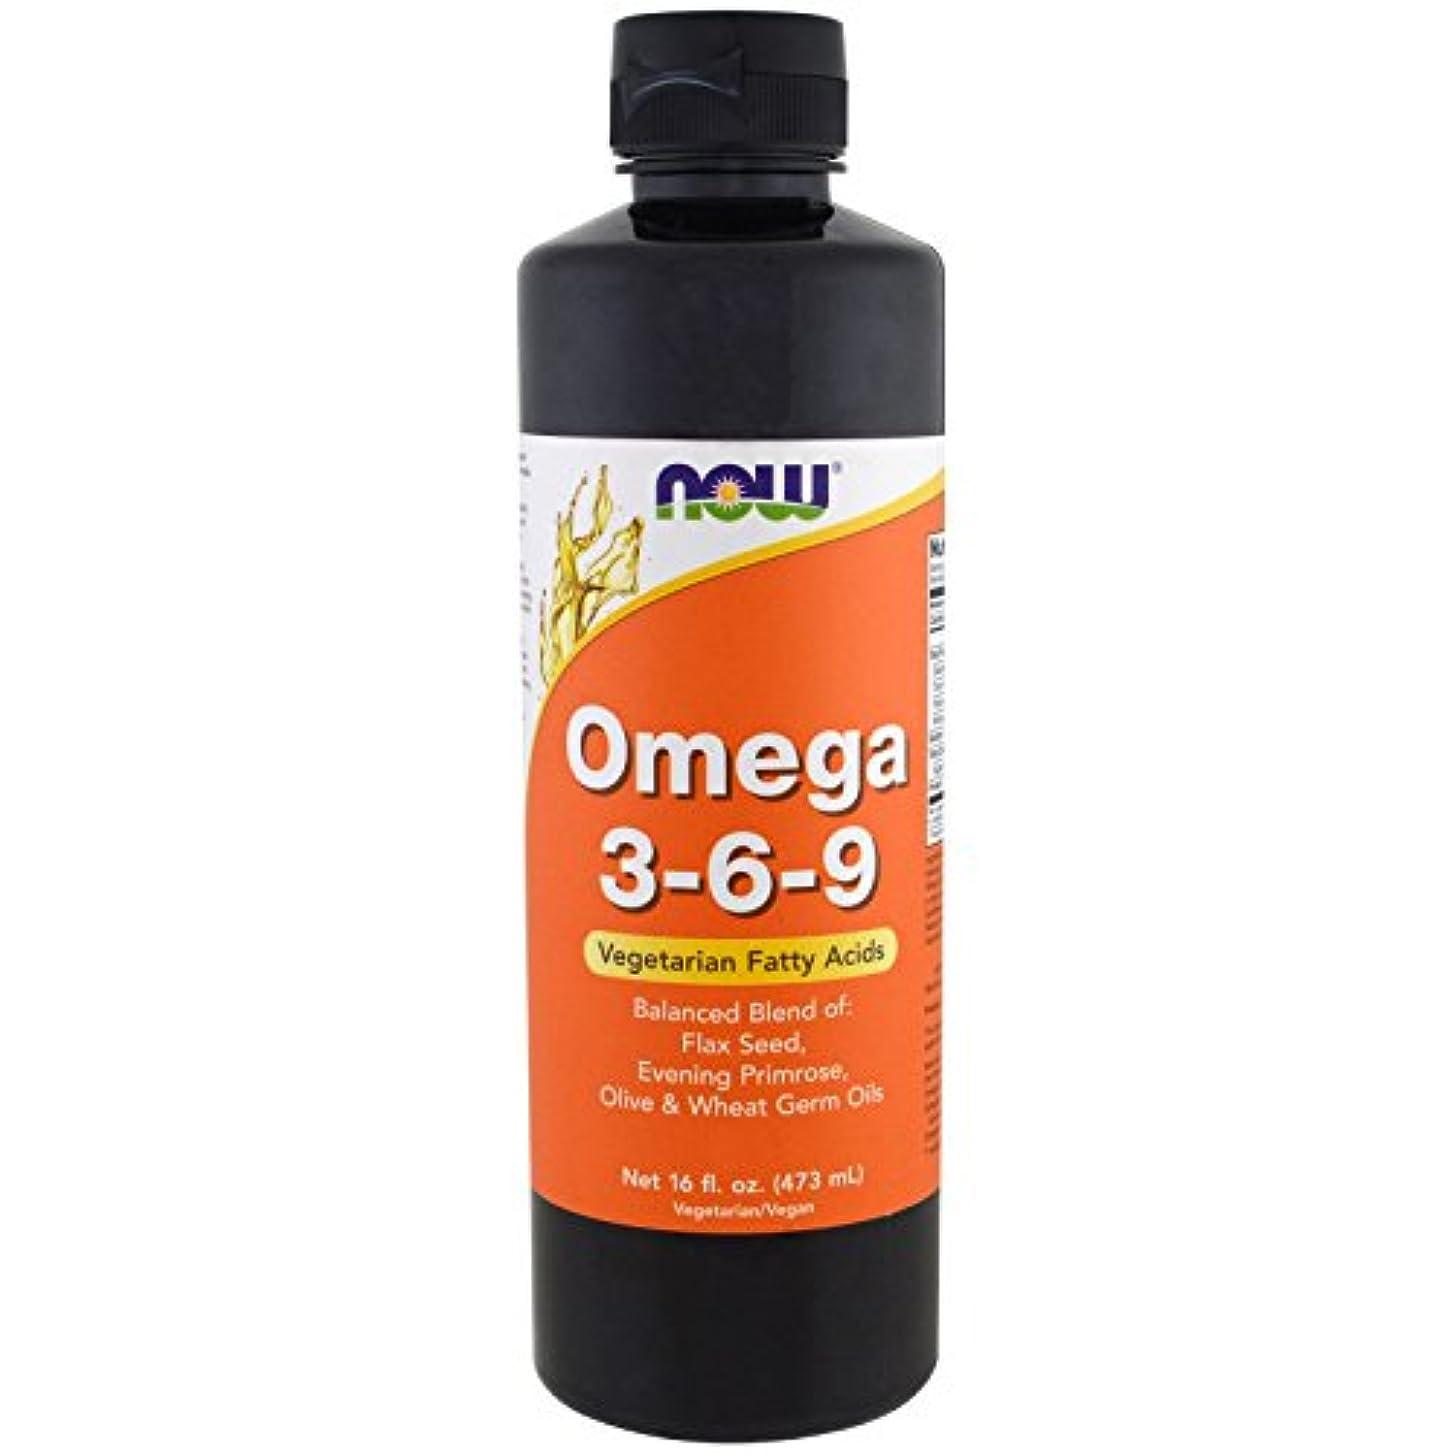 メモマイルド画像オメガ3-6-9 液体 16 fl.oz 2個パック